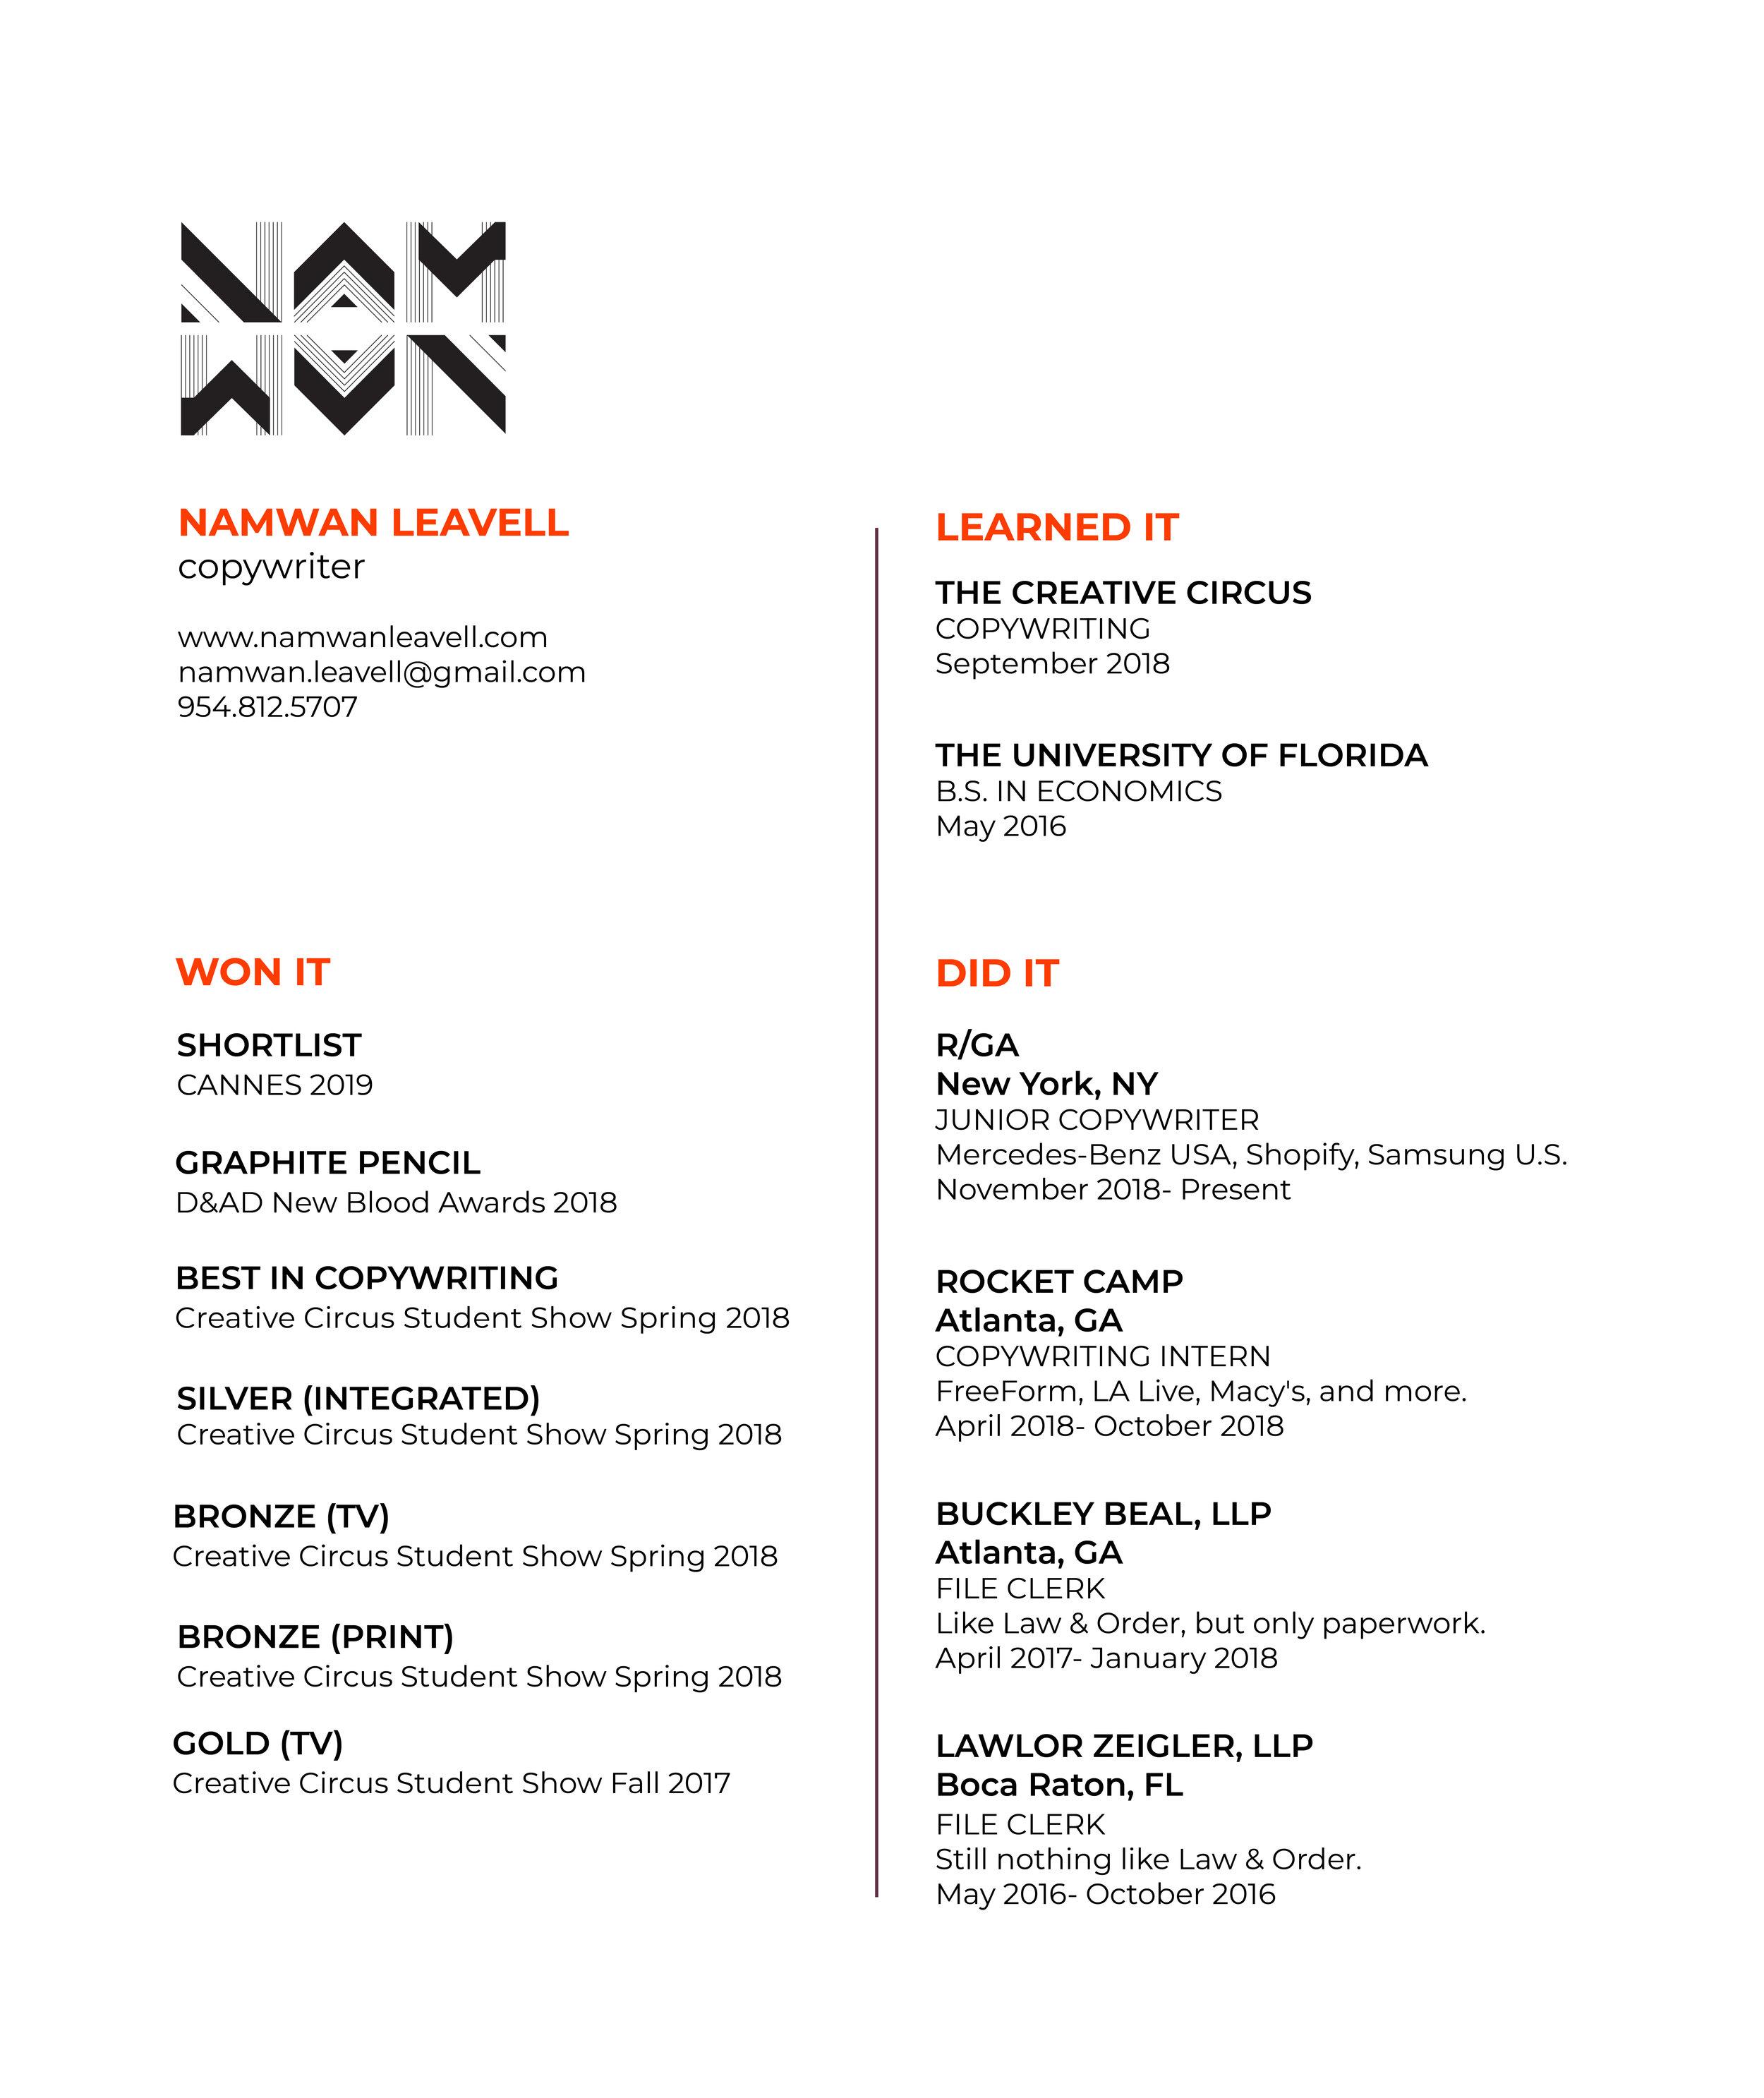 Namwan's new updated resume 2018 winning.jpg